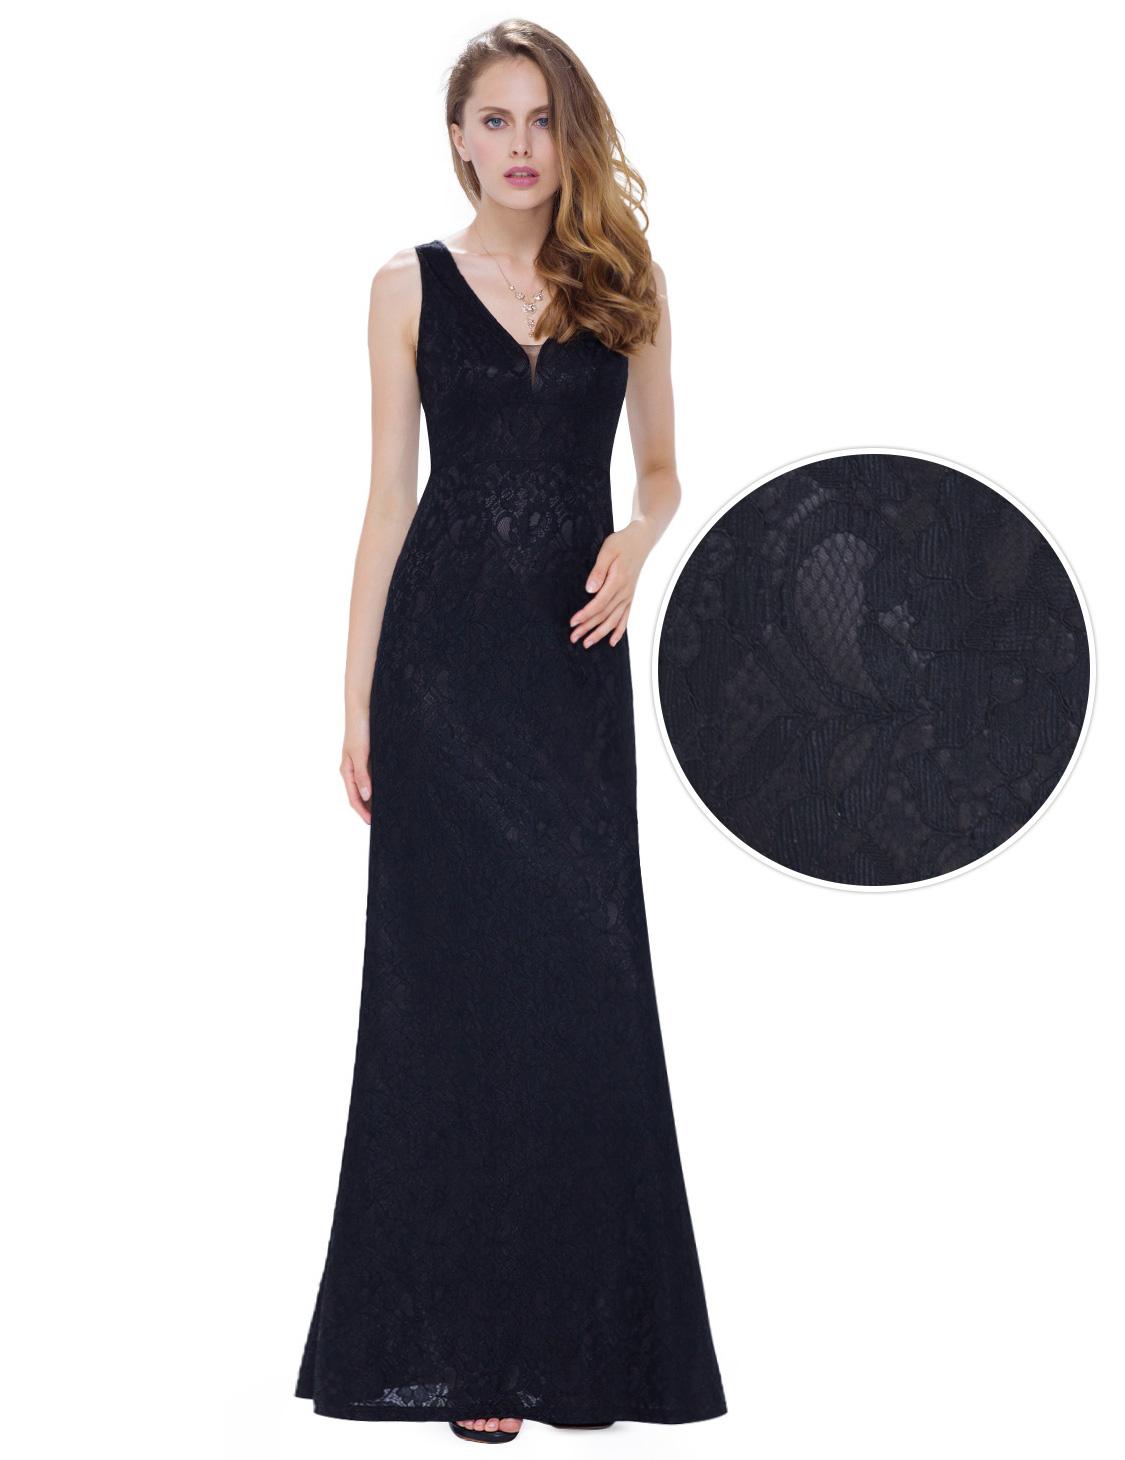 5b64c1826d1 Černé dlouhé krajkové šaty na ples 40 L